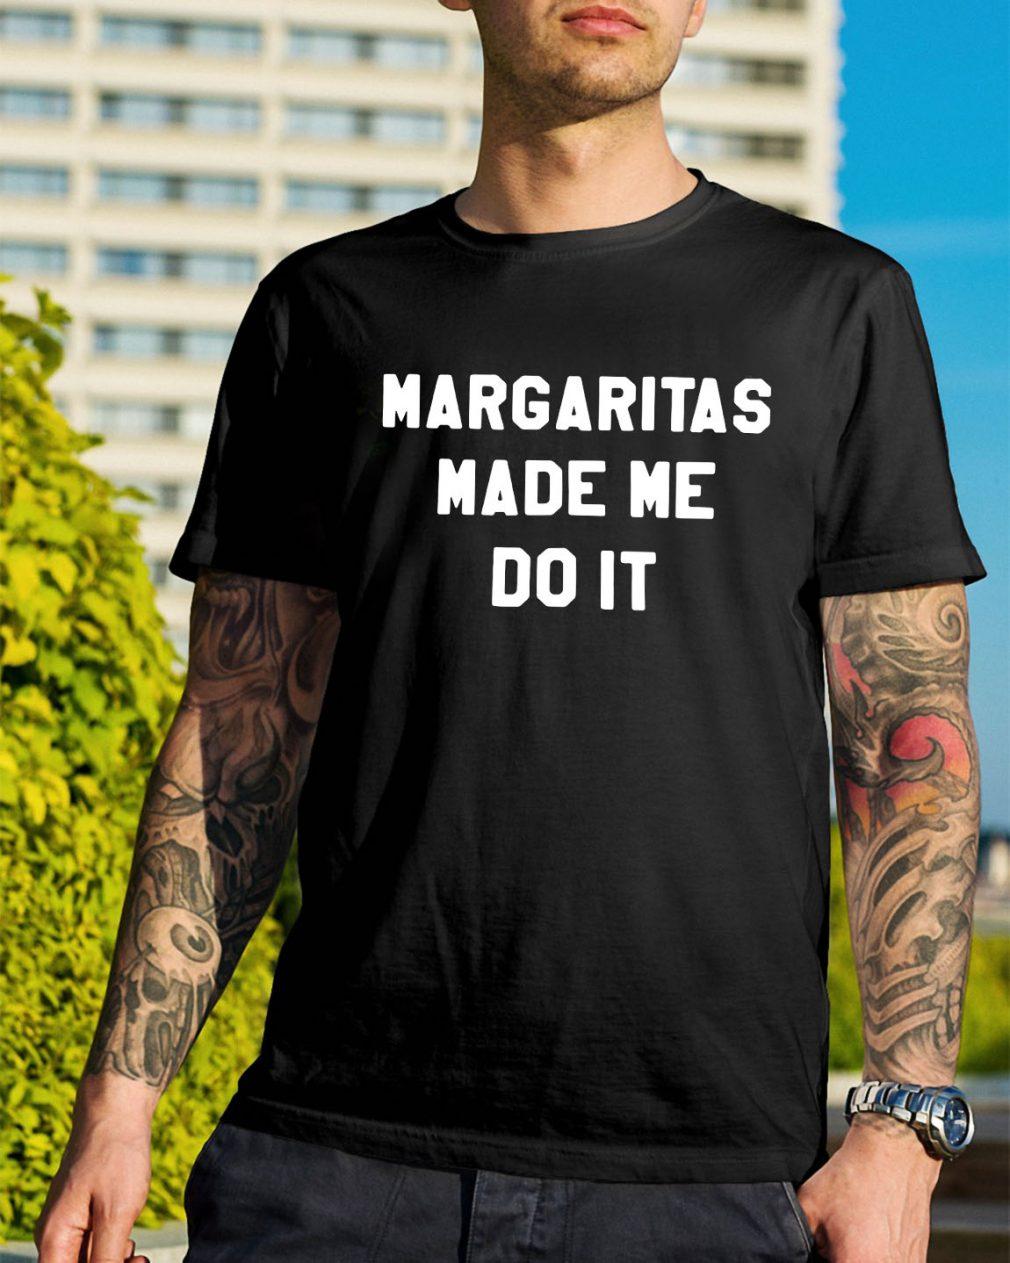 Margaritas made me do it shirt